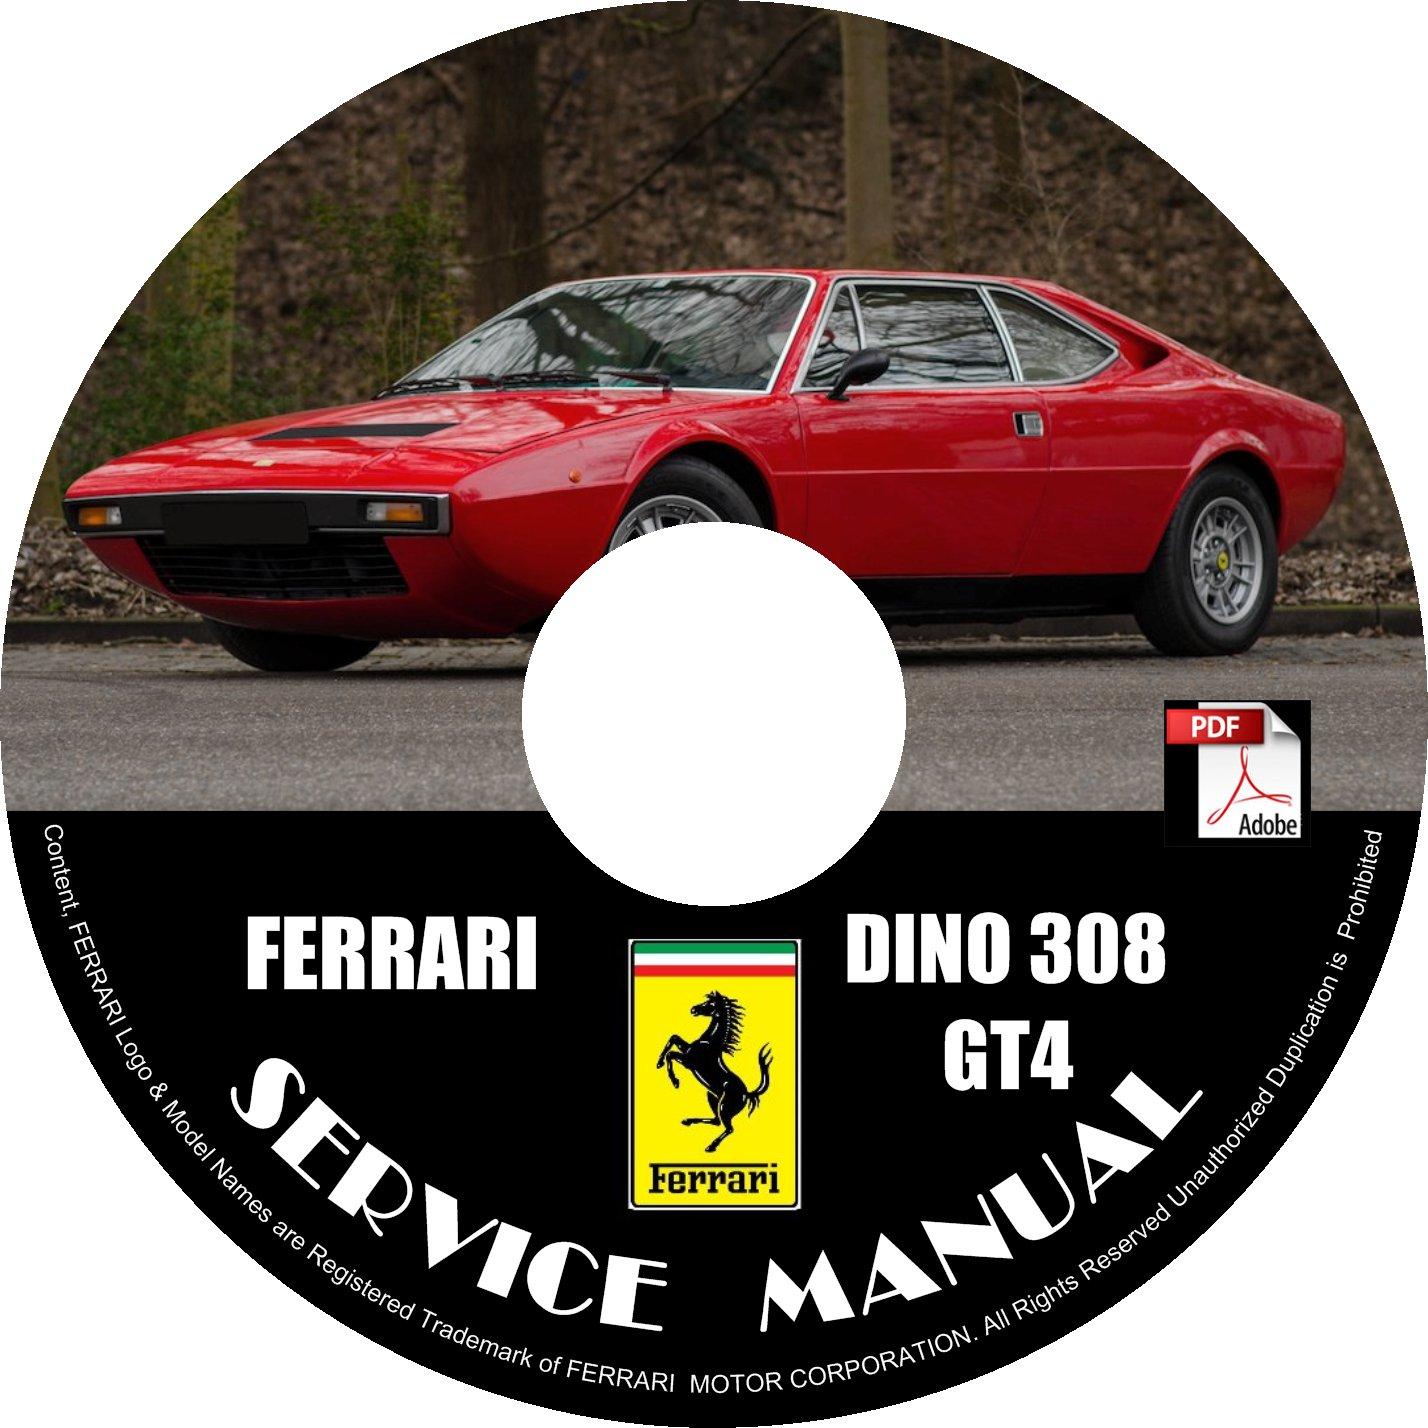 1975 Ferrari Dino 308 GT4 Factory Service Repair Shop Manual on CD Fix Rebuilt